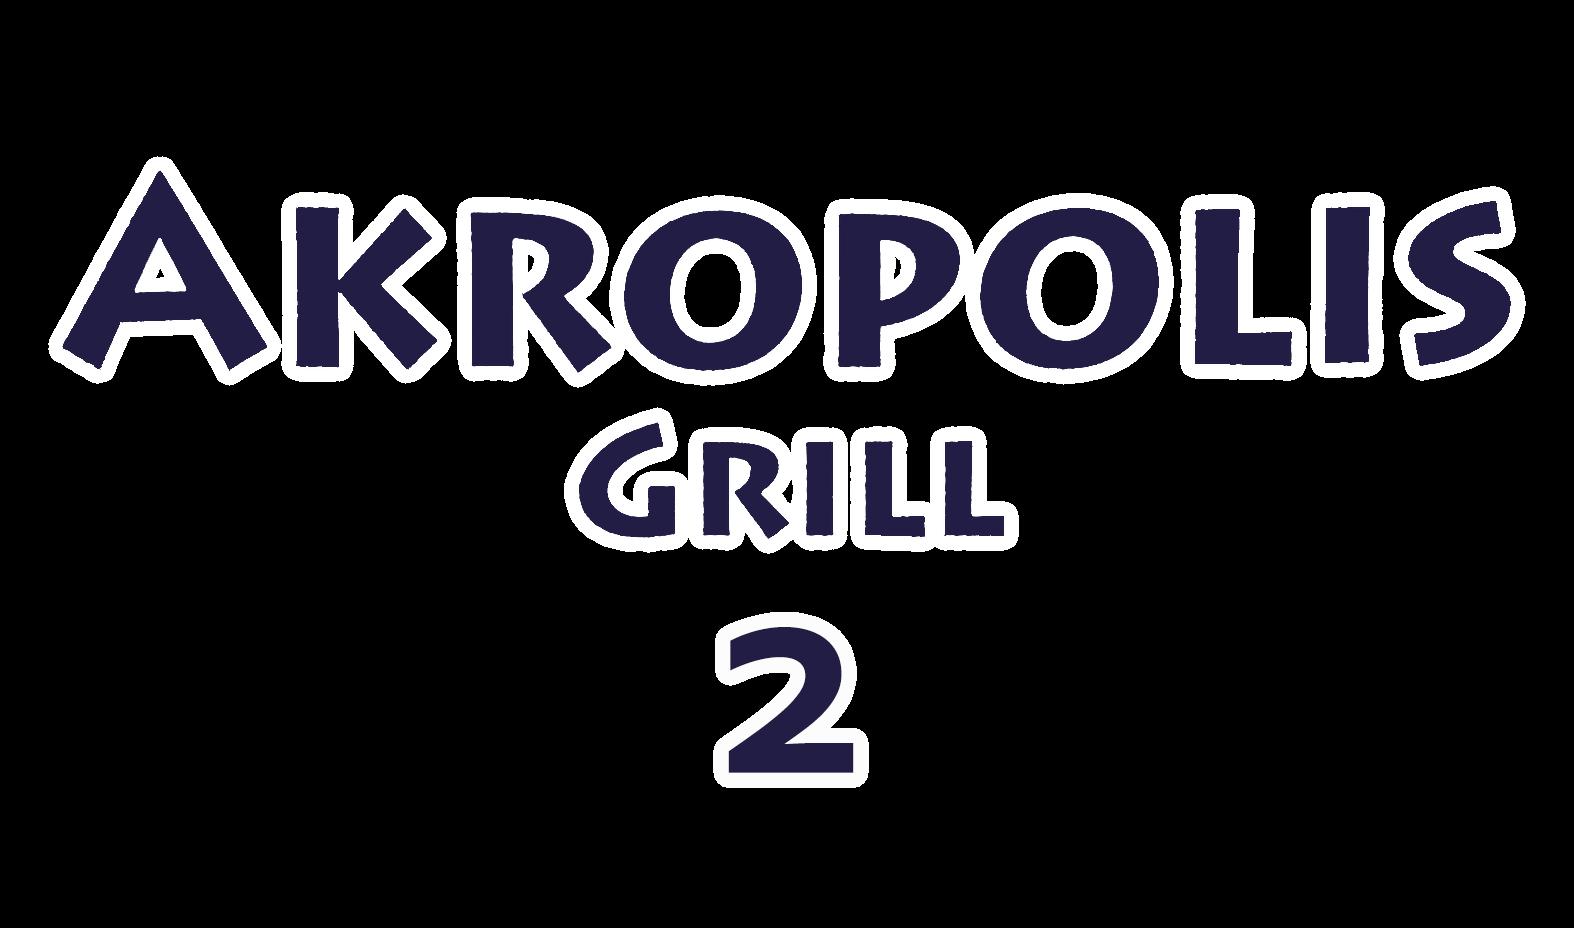 Jetzt bestellen bei Akropolis Grill 2 | Mönchengladbach